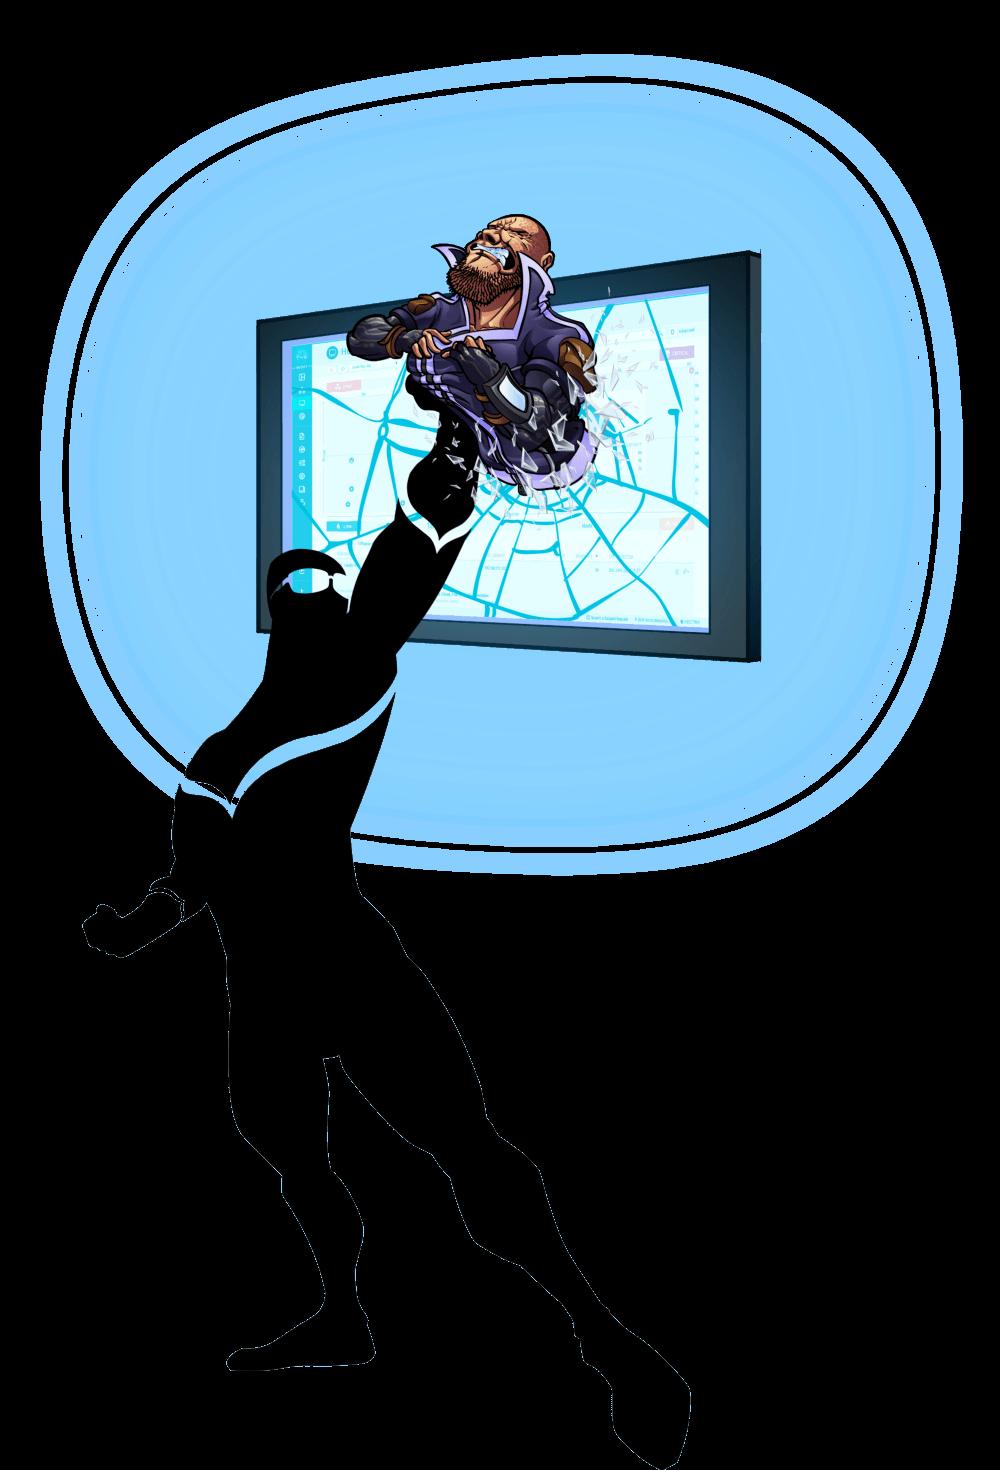 Cognito holding attacker smashing through TV screen